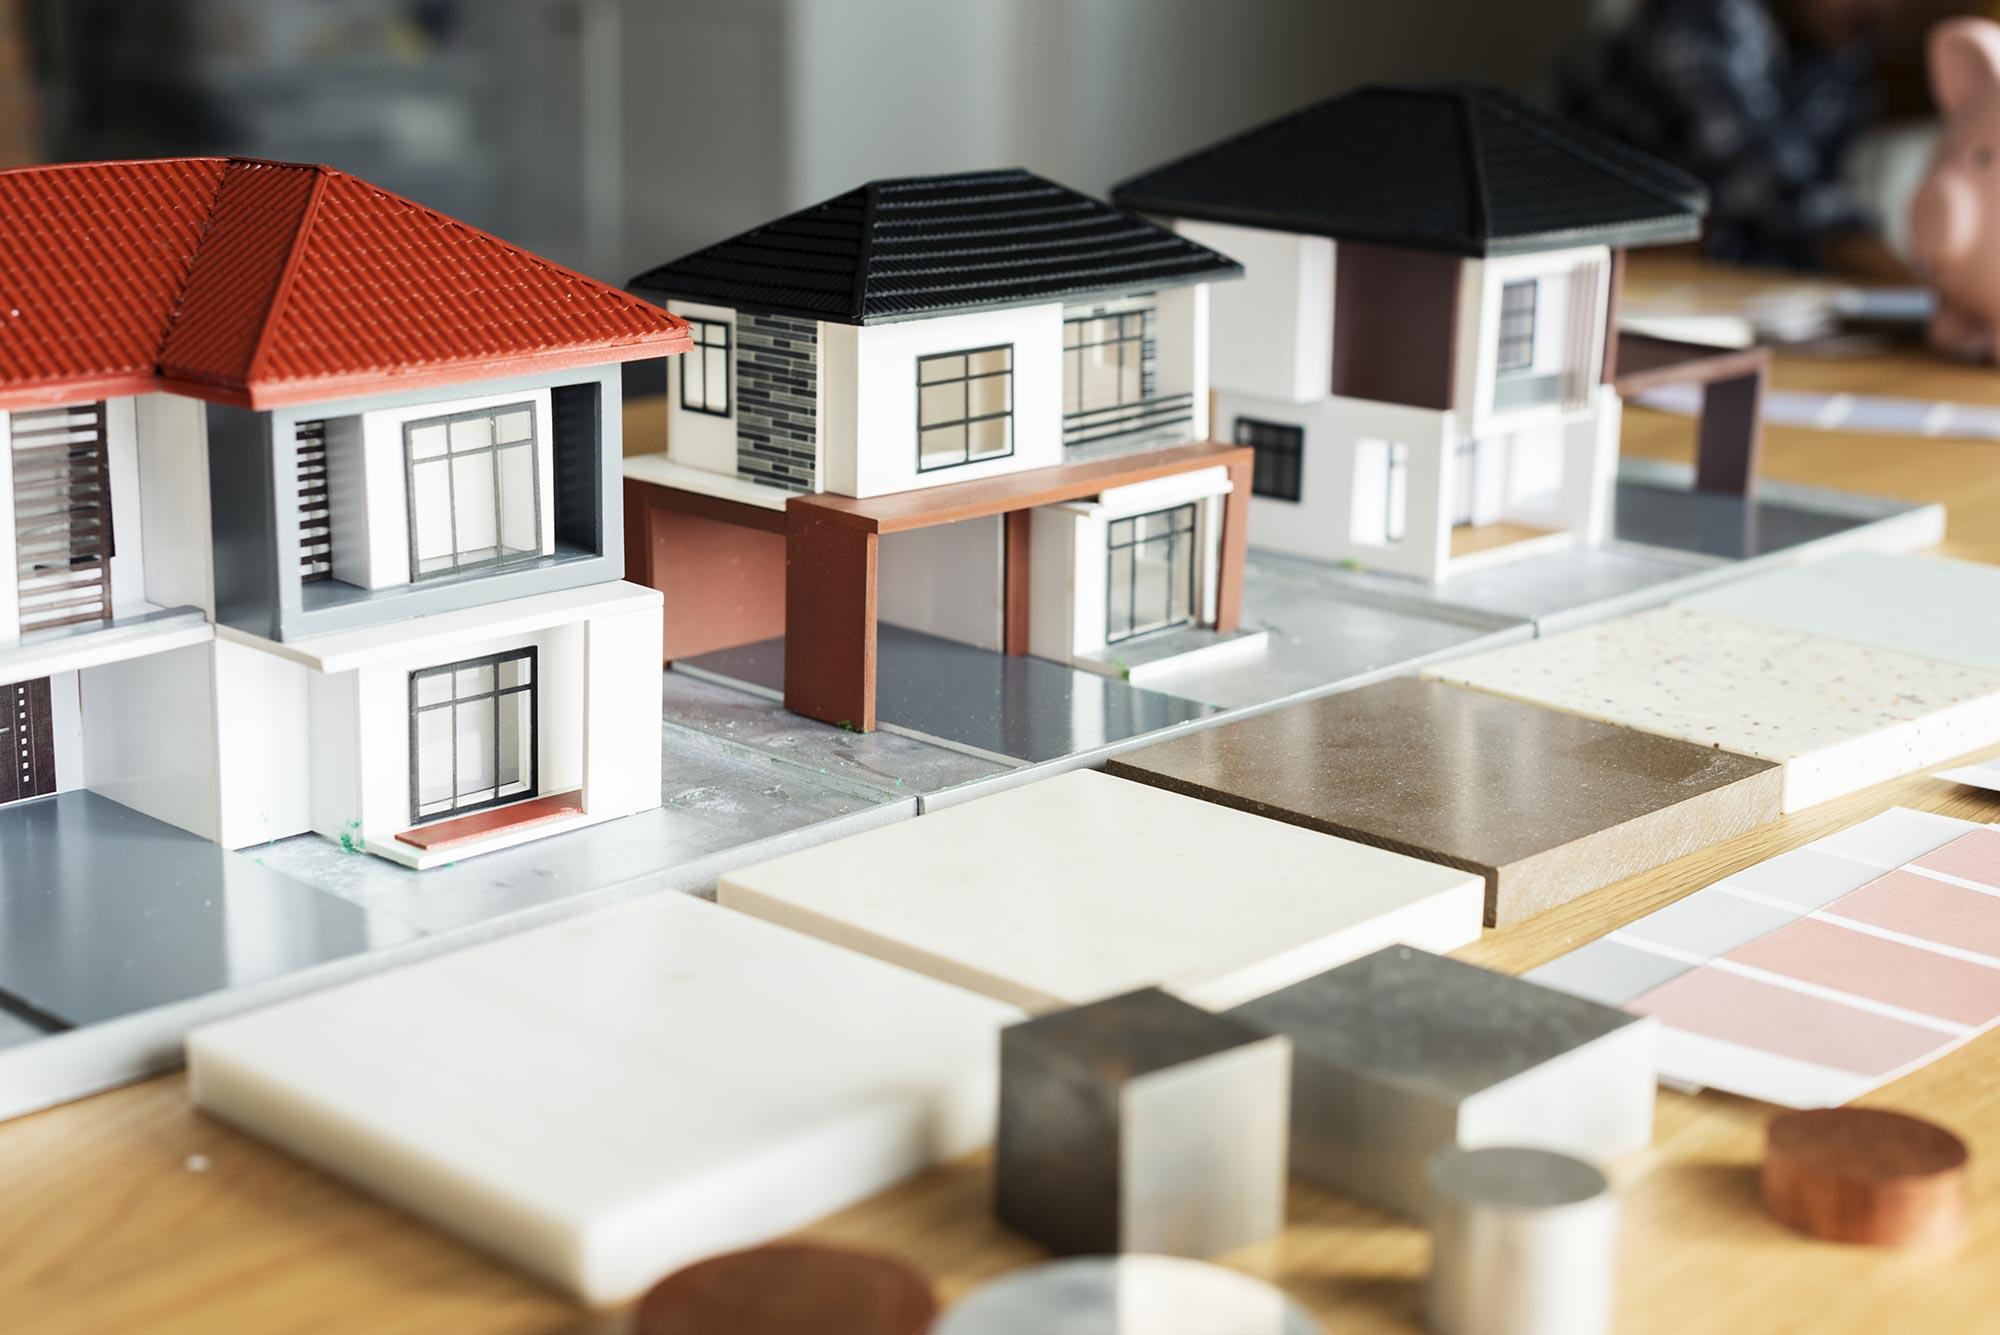 kocken-immobilien-projekte-aktuelle-projekte-laufende-projekte